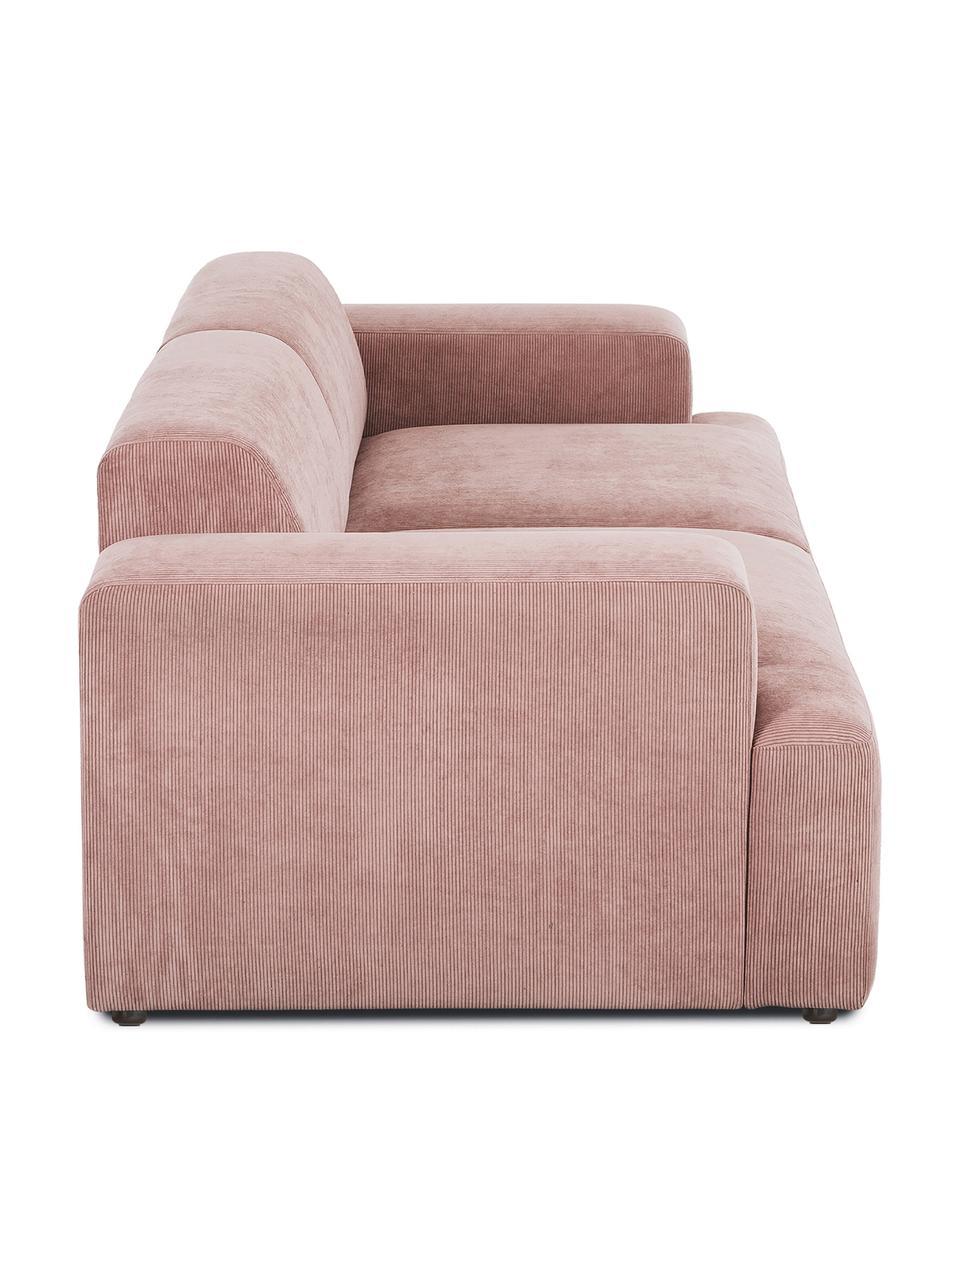 Sofa ze sztruksu Melva (3-osobowa), Tapicerka: sztruks (92% poliester, 8, Stelaż: lite drewno sosnowe, cert, Nogi: tworzywo sztuczne, Sztruksowy blady różowy, S 238 x G 101 cm